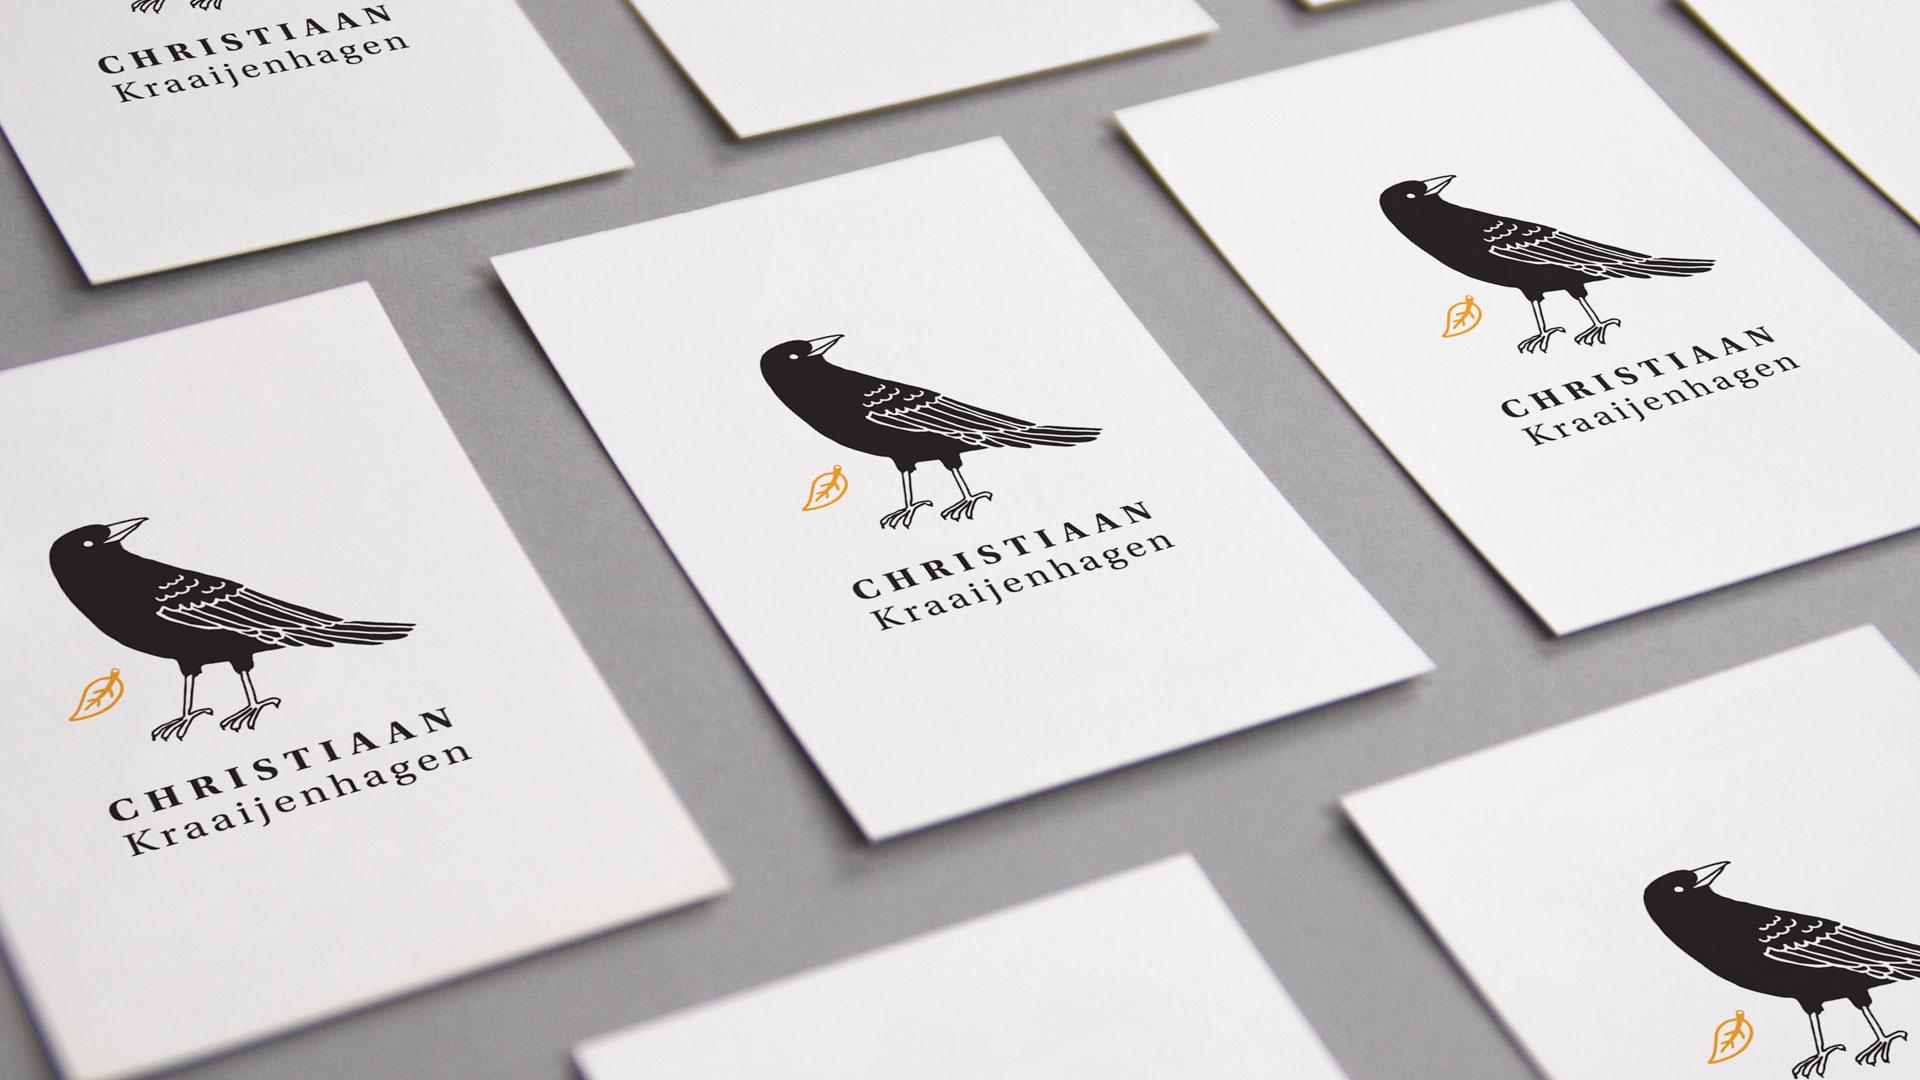 Branding - Christiaan Kraaijenhagen - Visitekaartje door Studio Vondst